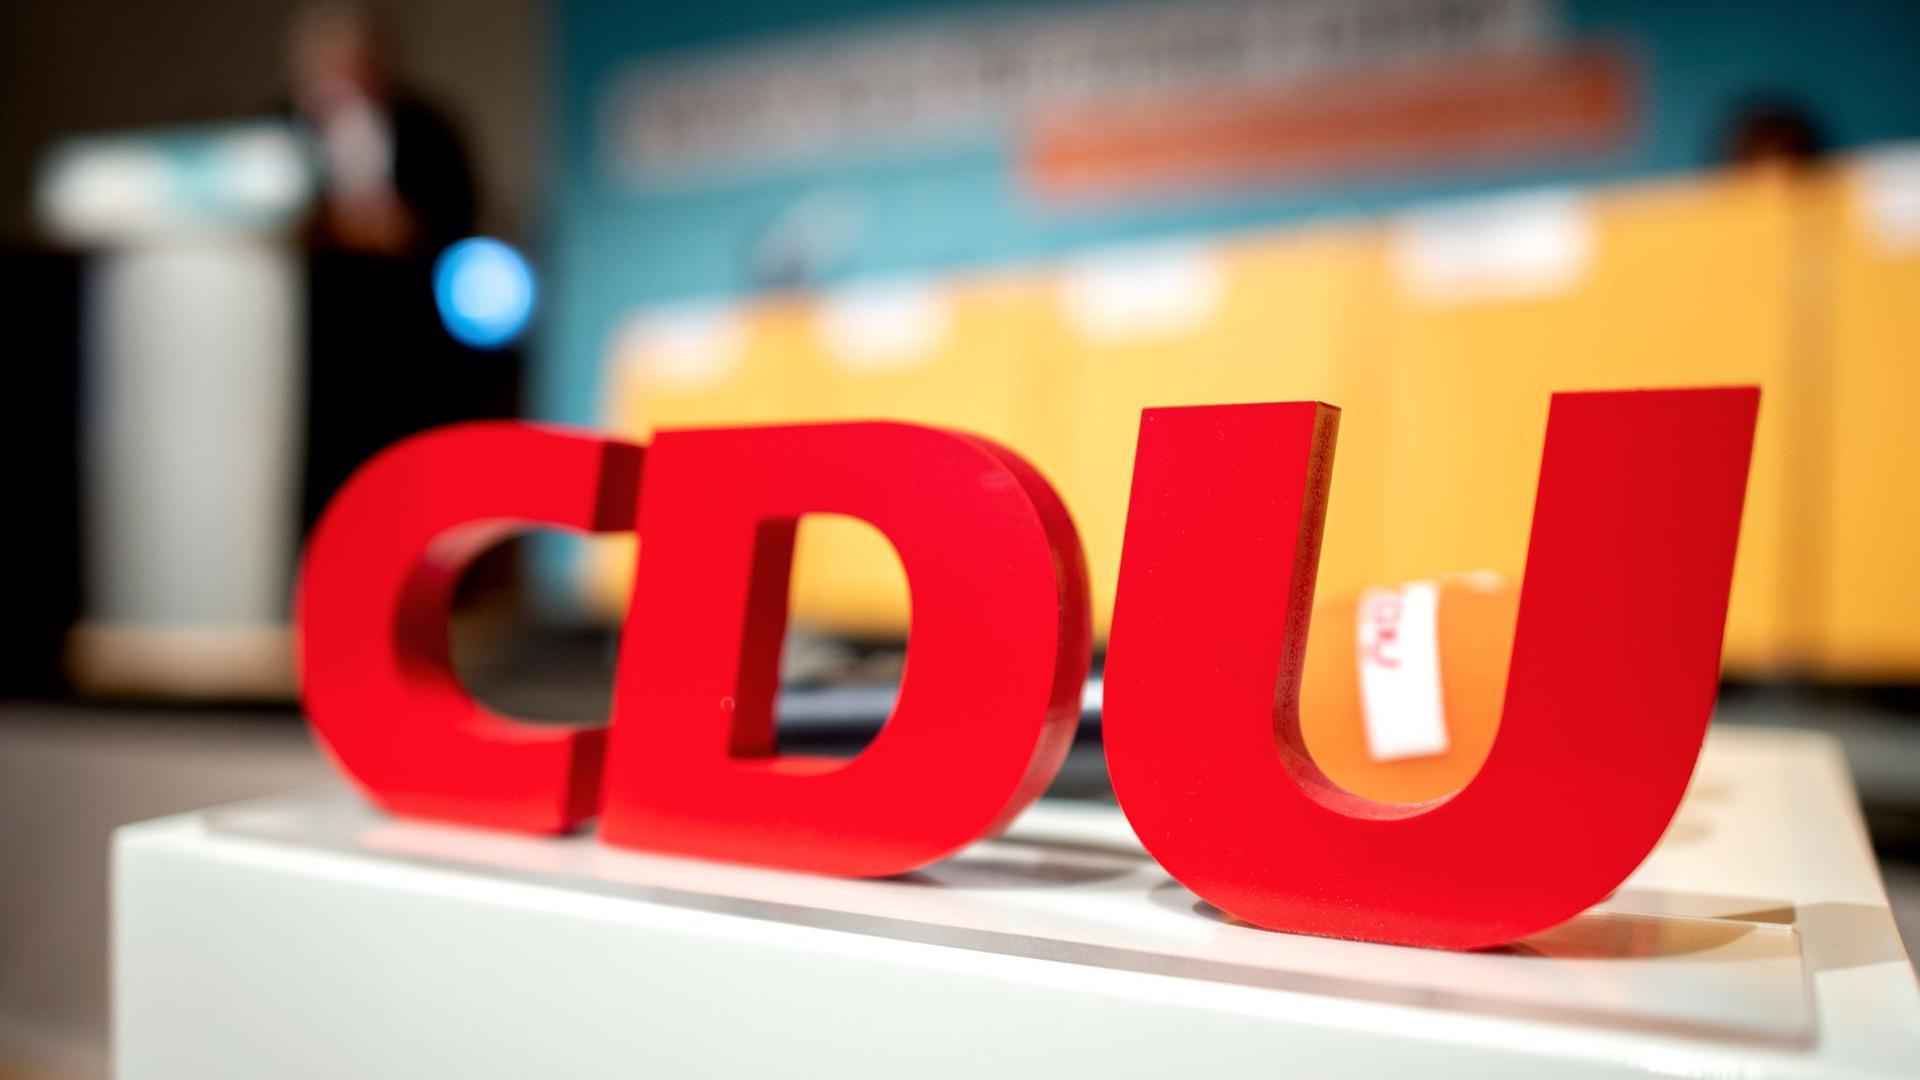 Das Logo der CDU auf einem Parteitag.